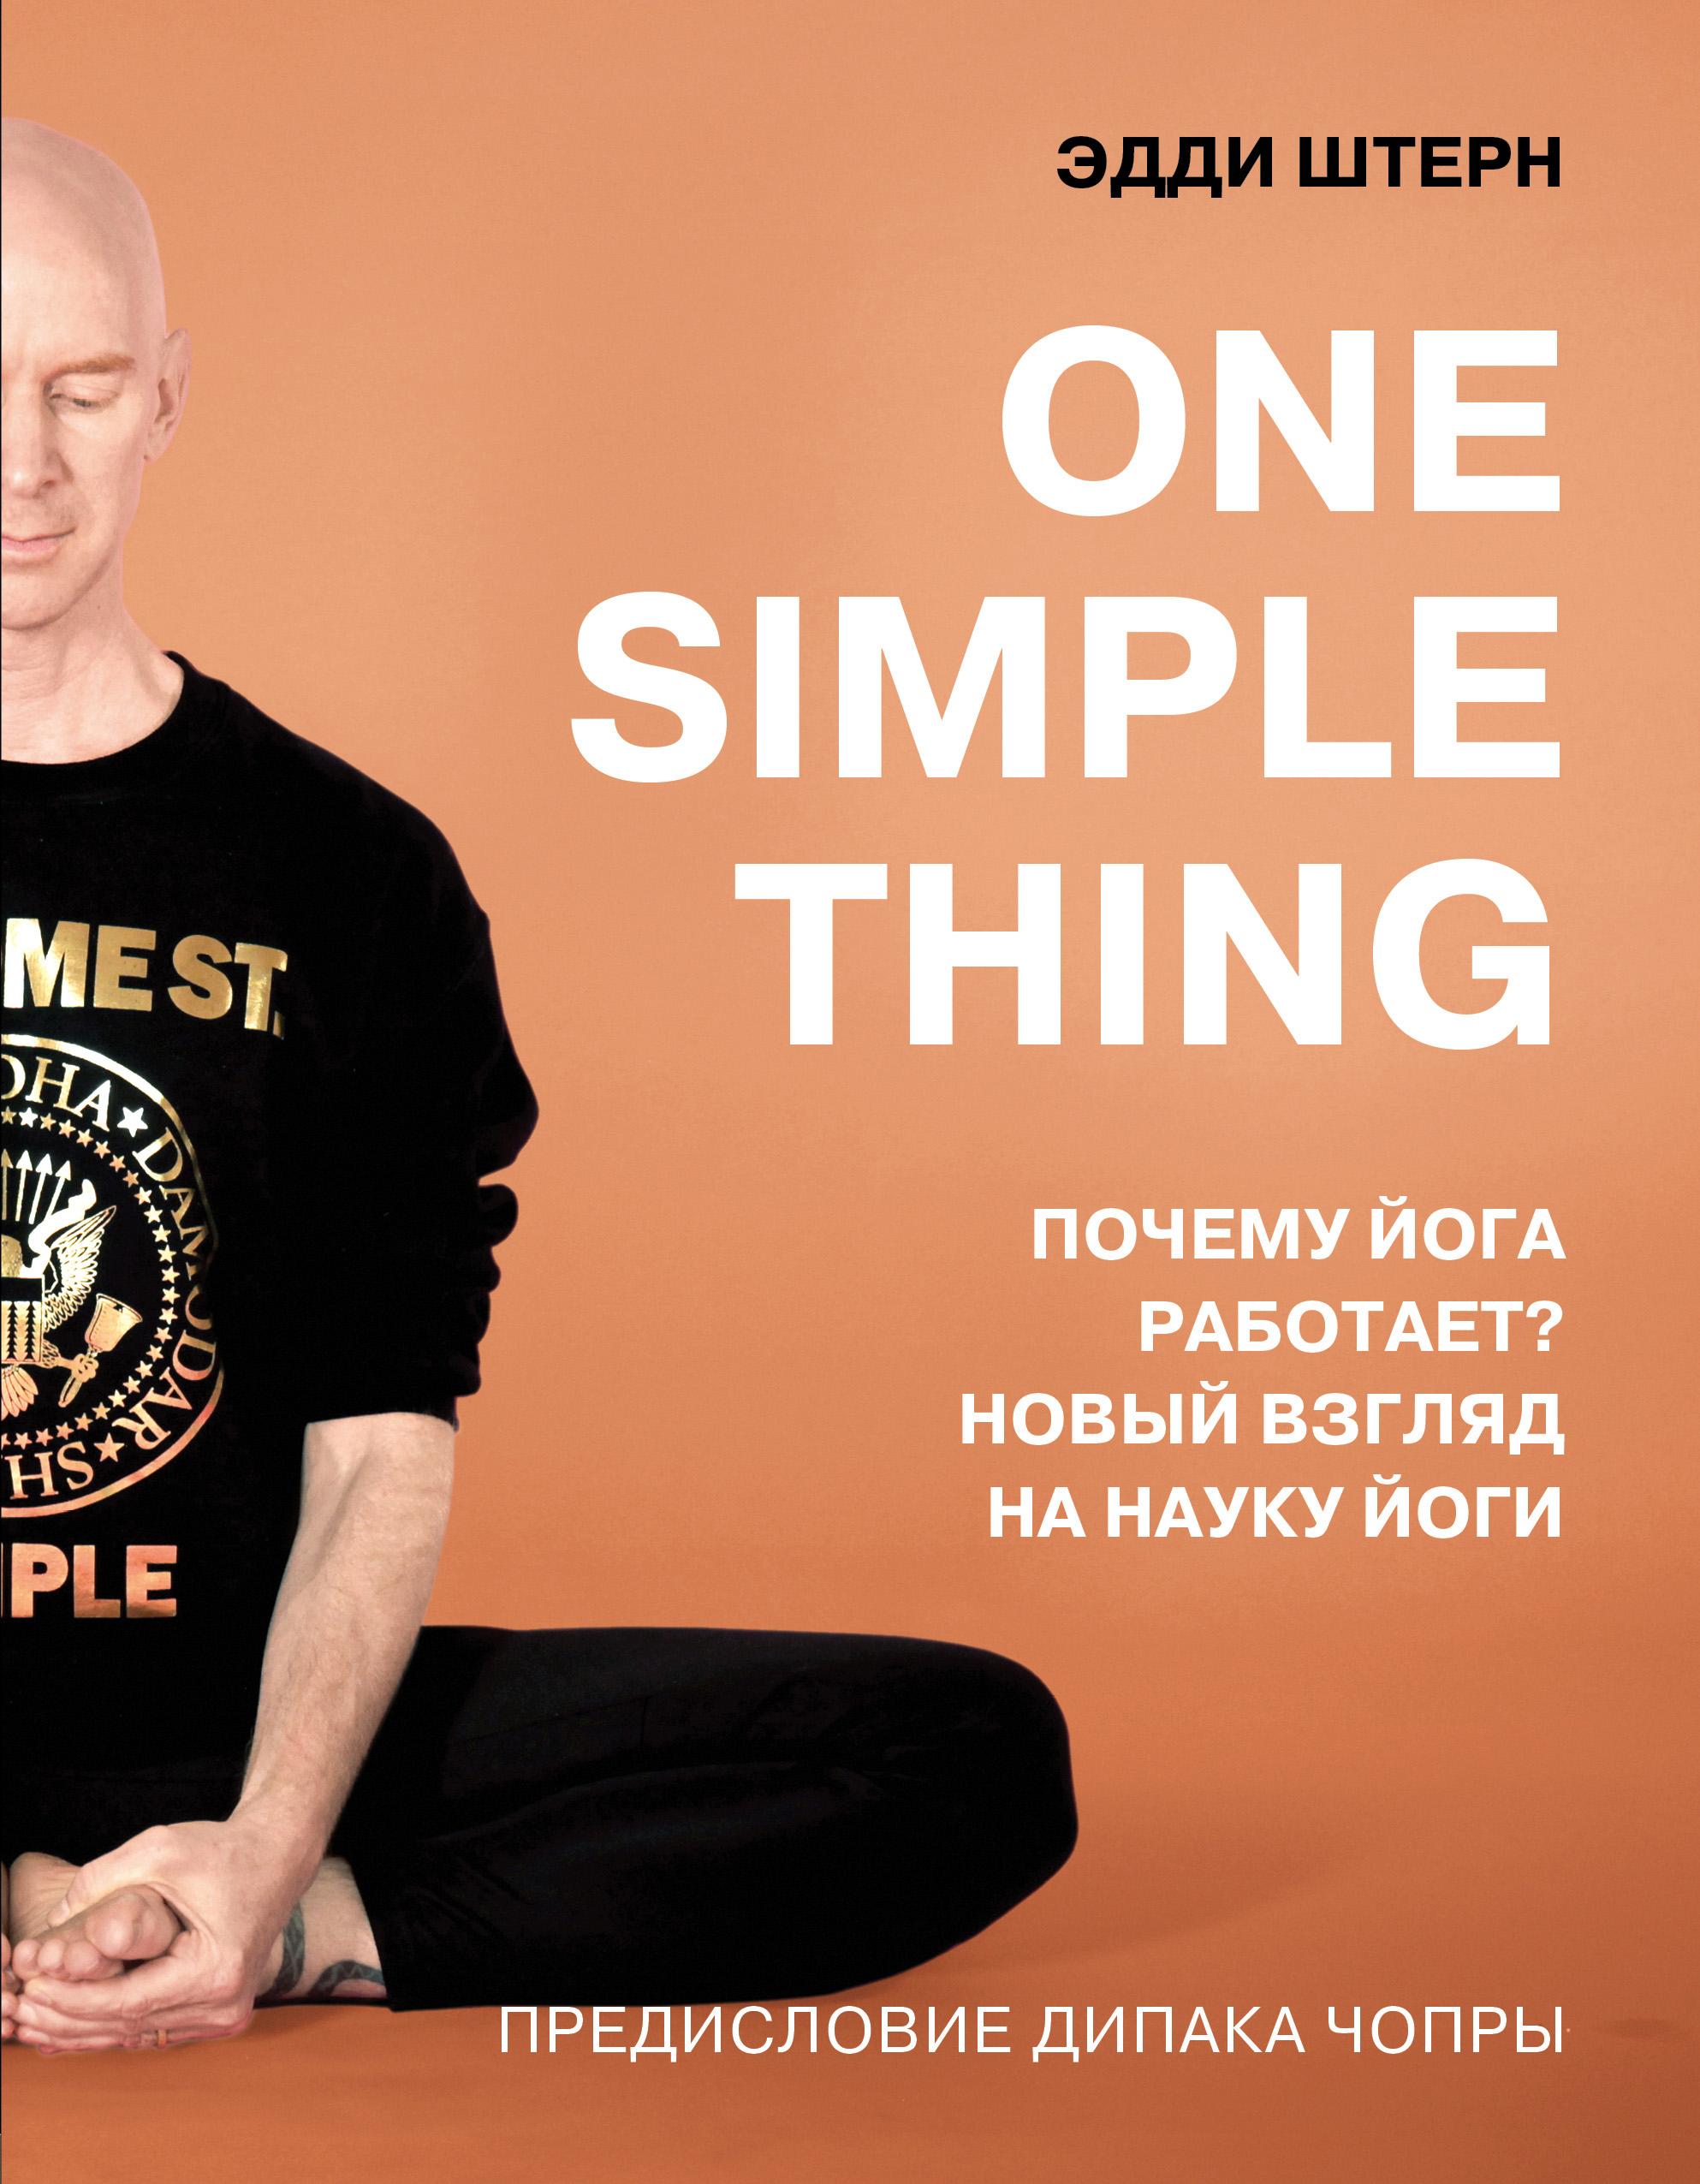 Купить книгу One simple thing: почему йога работает? Новый взгляд на науку йоги, автора Эдди Штерна